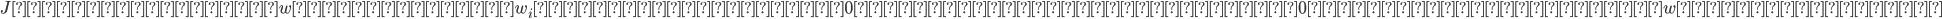 {\displaystyle Jを最小にするwは、全てのw_iに対して傾きが0すなわち偏微分したら0となります。このwを求めます。 }